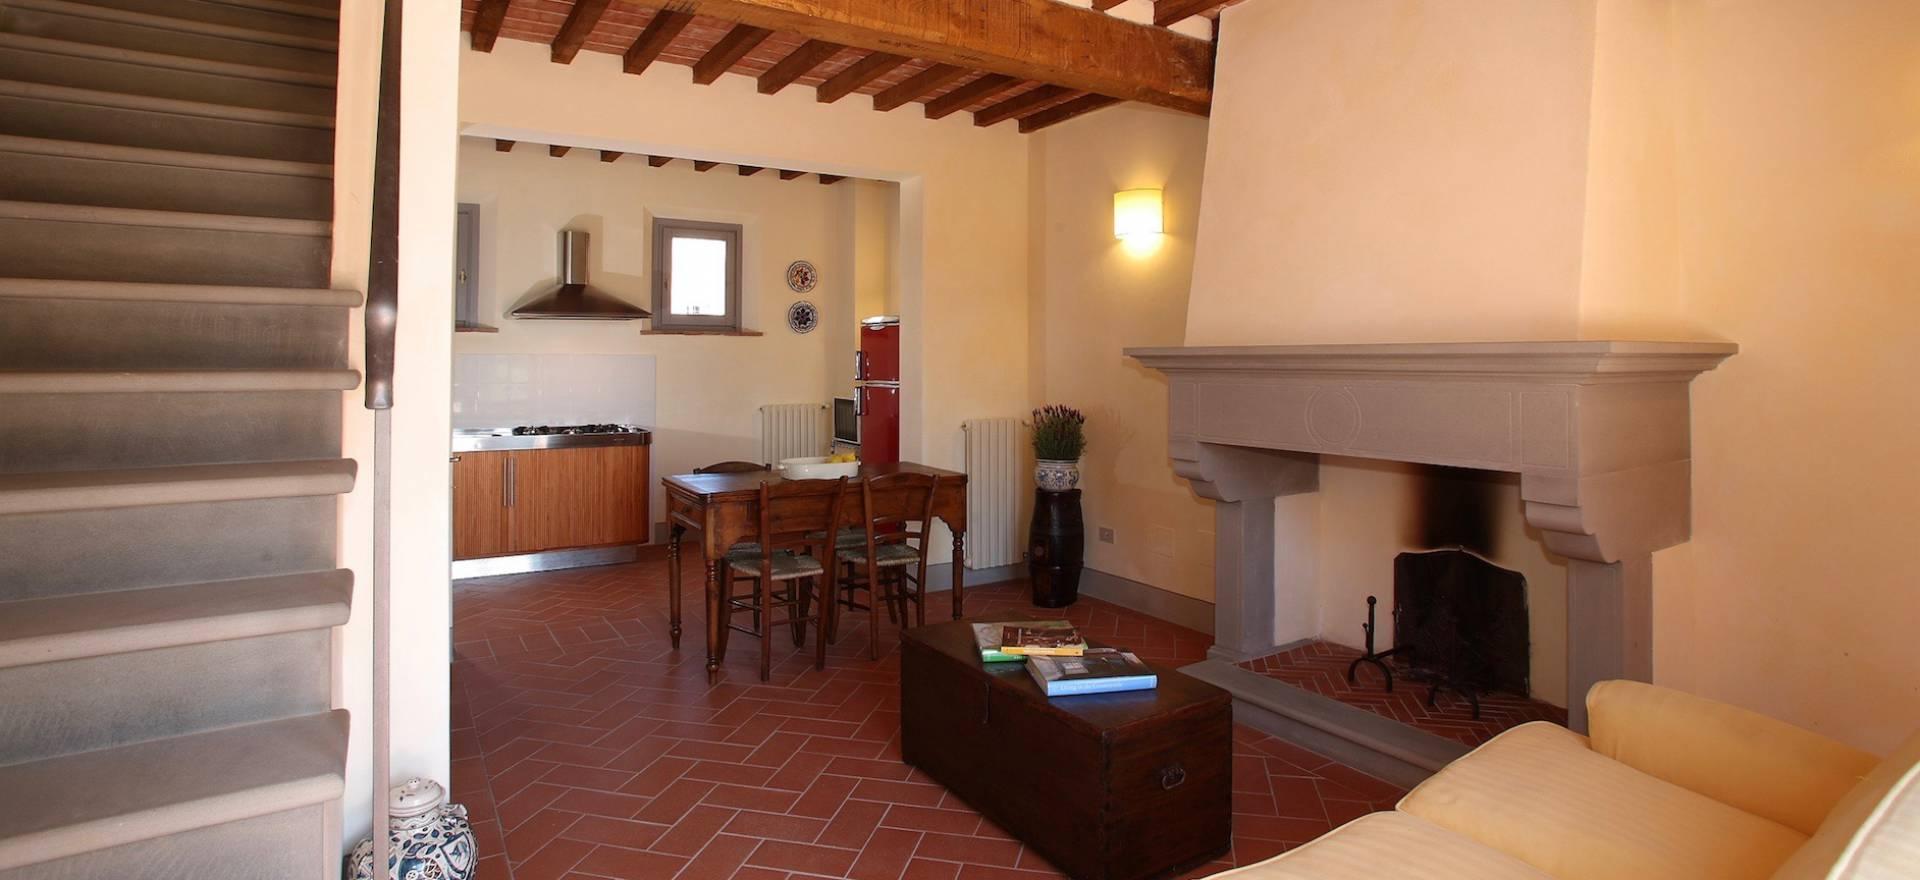 Agriturismo Toscane, kindvriendelijk en nabij Lucca